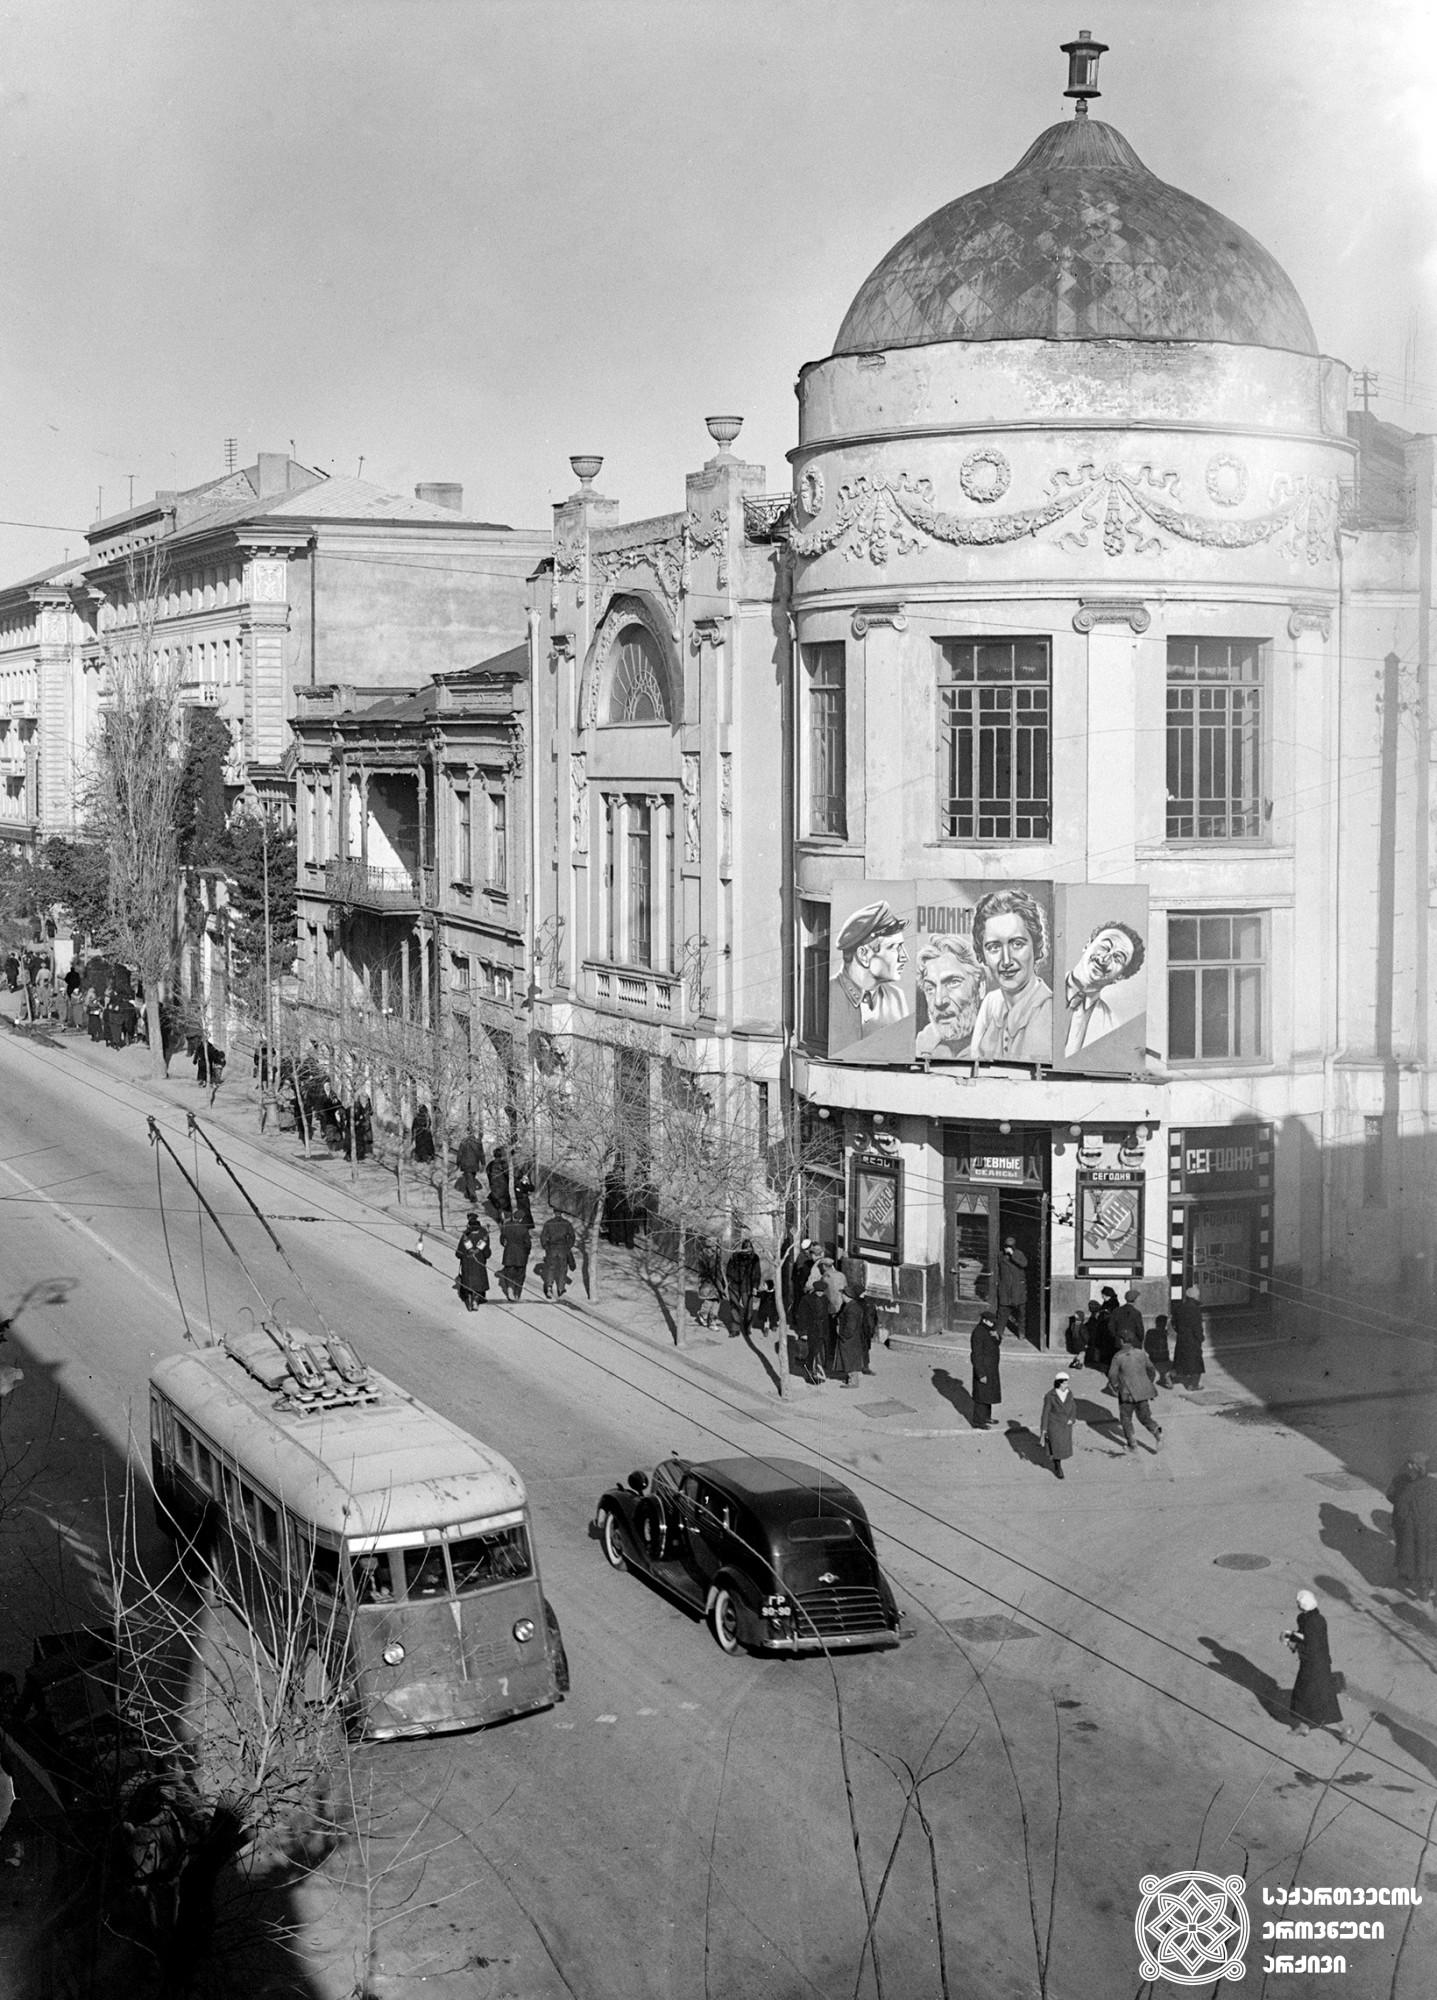 """პლეხანოვის გამზირის ხედი და კინოთეატრი ,,ოქტომბერი"""" (დღევანდელი აღმაშენებლის გამზირი და კინოთეატრი """"აპოლო""""). თბილისი.<br>ფოტო: ვ. ჩერკასოვი. <br>1939 View of Plekhanov Avenue and Cinema """"October"""" (Today Aghmashnebeli Avenue and Cinema """"Apolo""""). Tbilisi. <br> Photo by V. Cherkasov. <br>1939"""